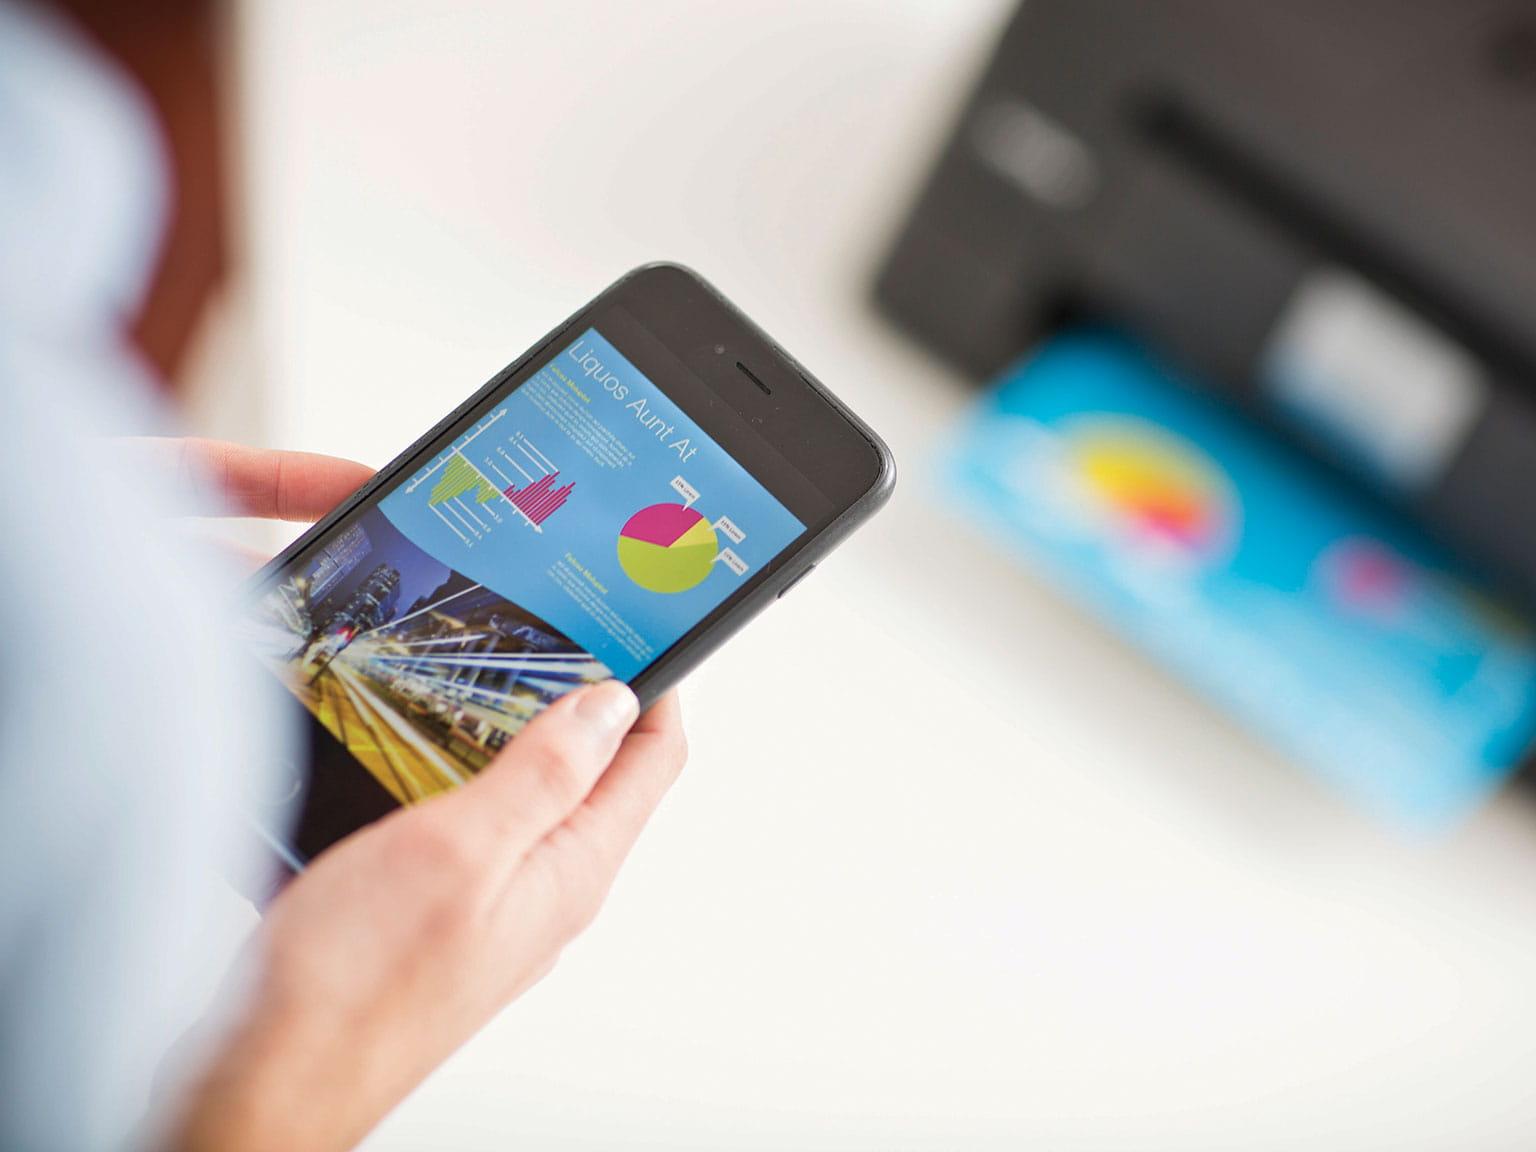 manjša-podjetja-poslovne-rešitve-iPrint-scan-tiskanje-prek-telefona